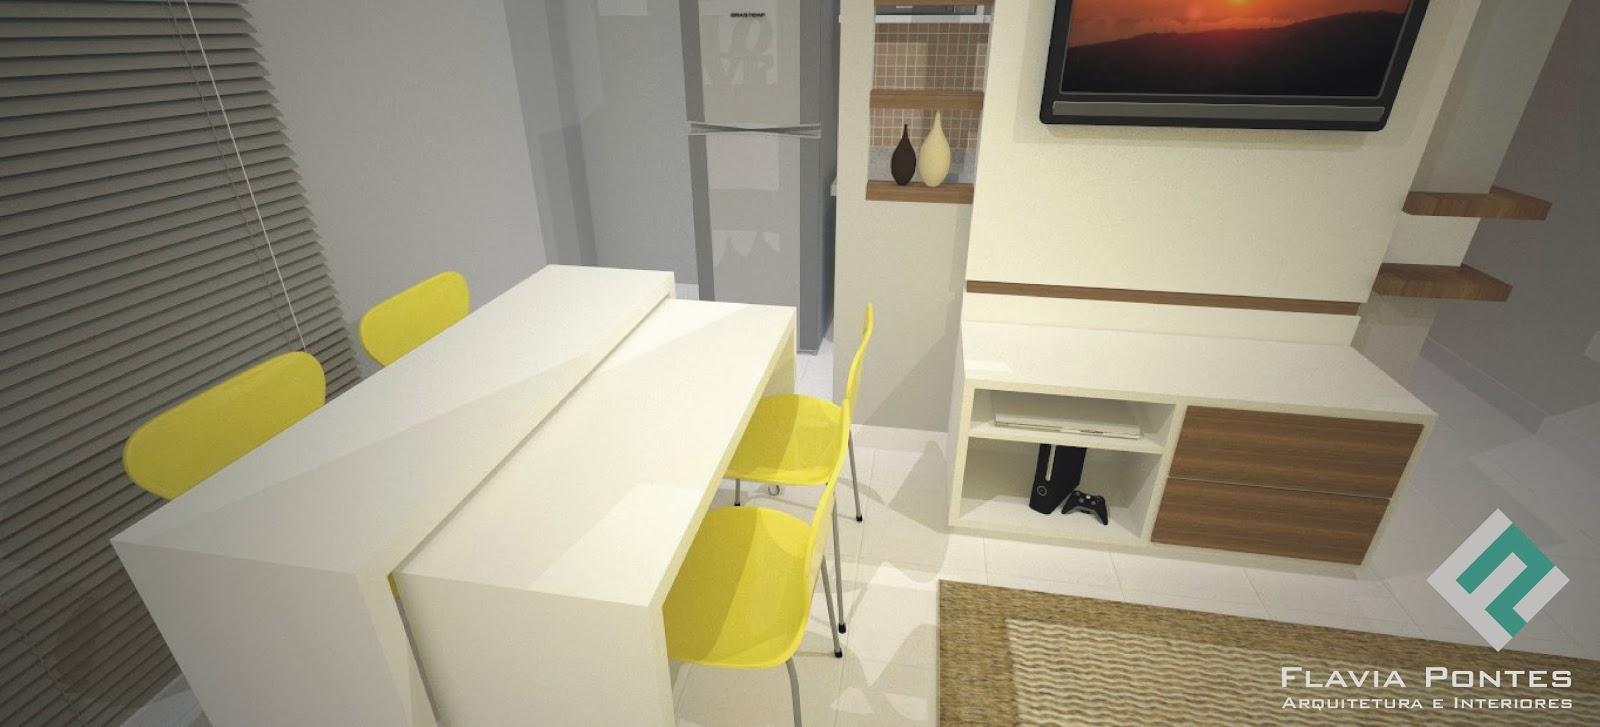 Flavia Pontes Arquitetura -> Cozinha Integrada Com Sala De Jantar Pequena